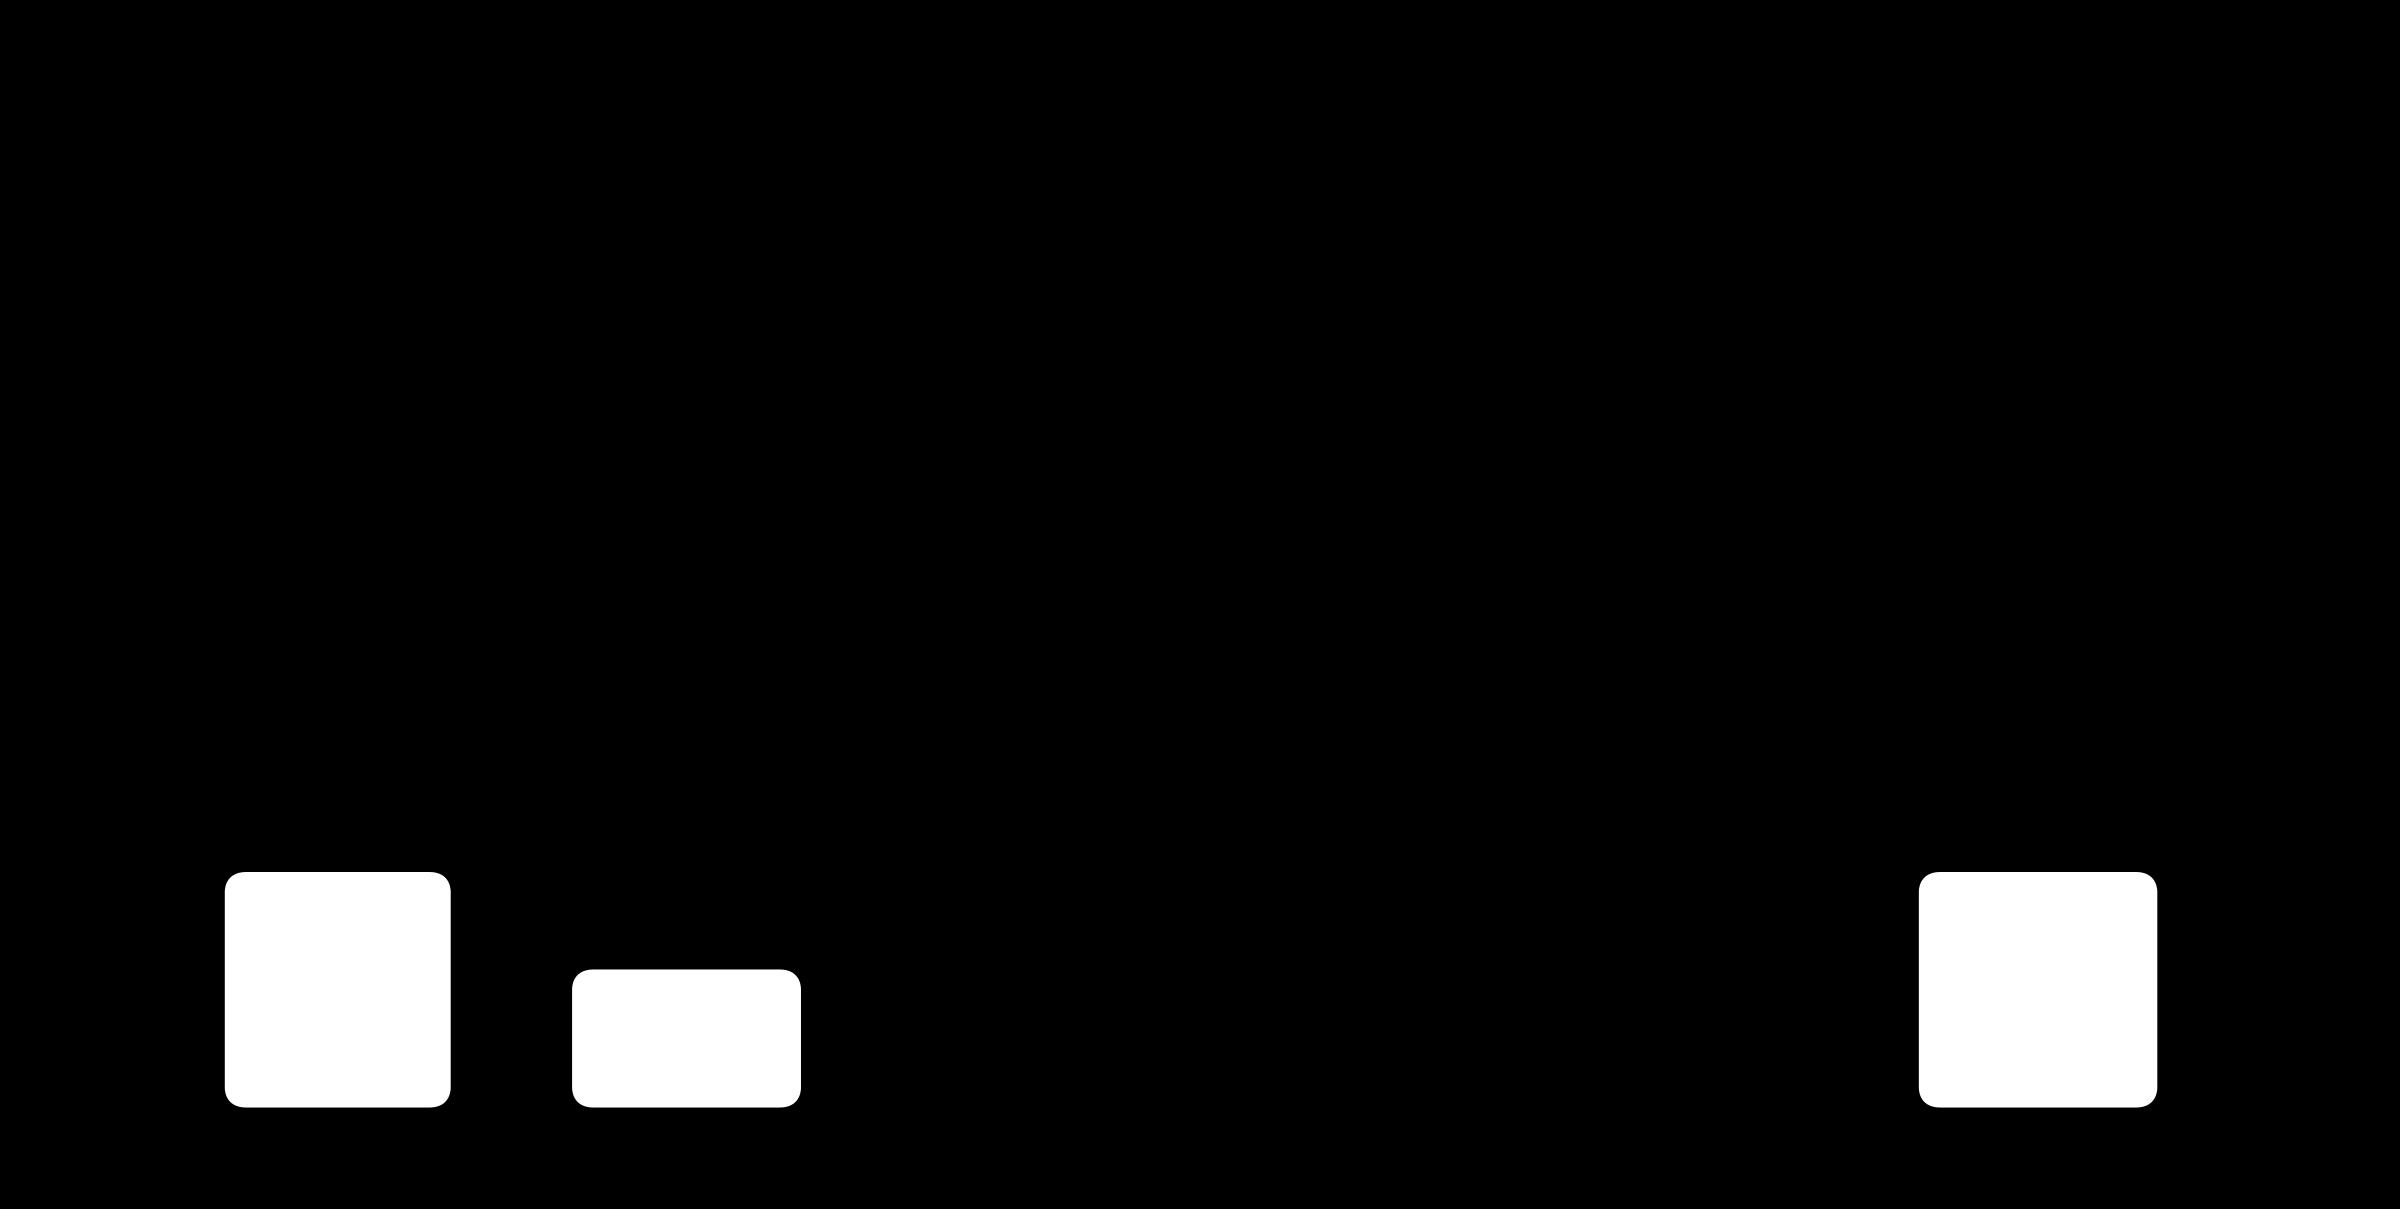 dansko-logo-png-transparent.png